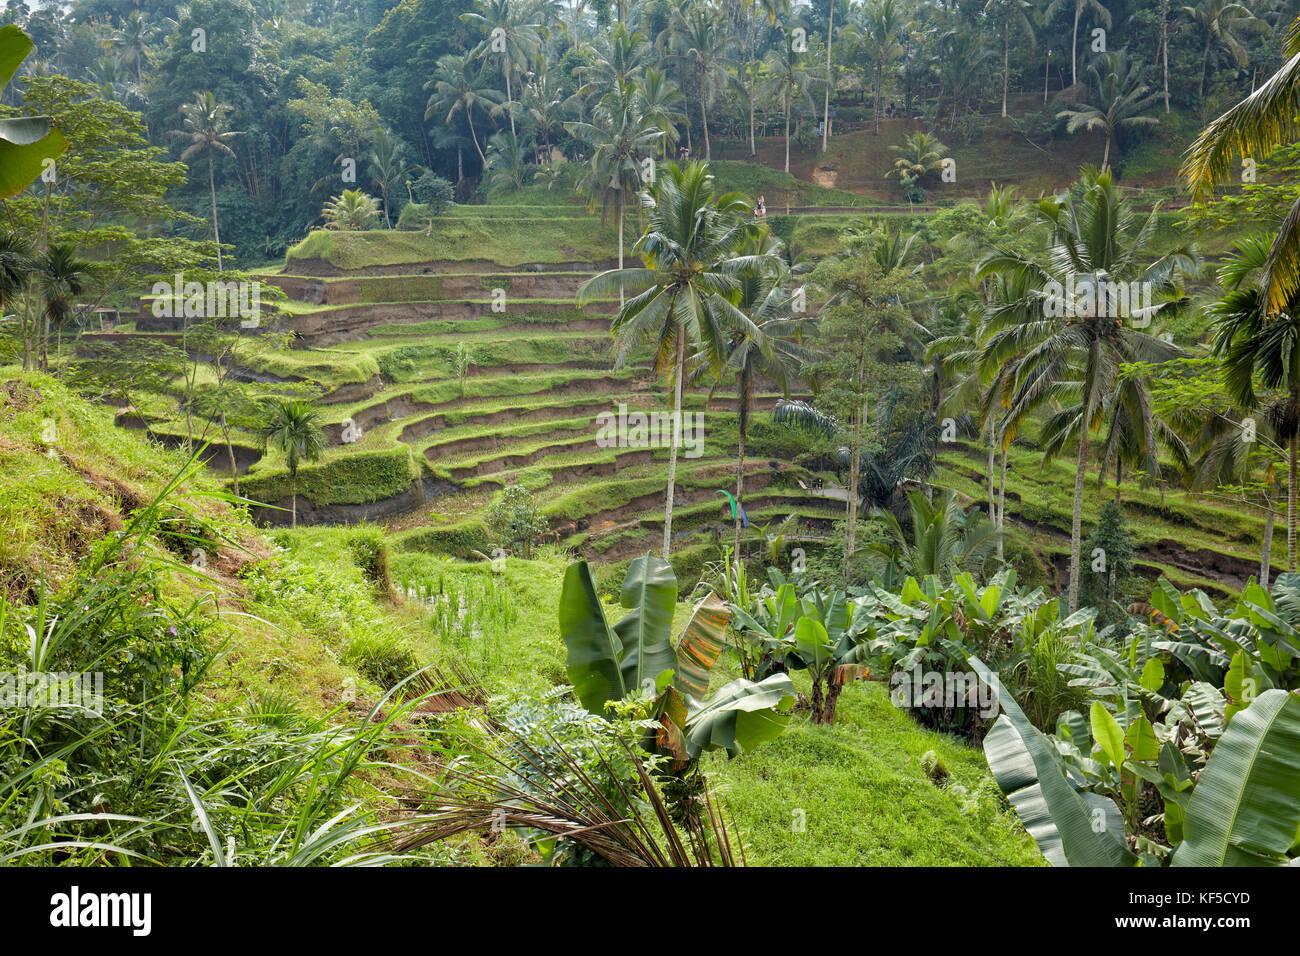 Riso Tegalalang terrazza. Villaggio Tegalalang, Bali, Indonesia. Immagini Stock